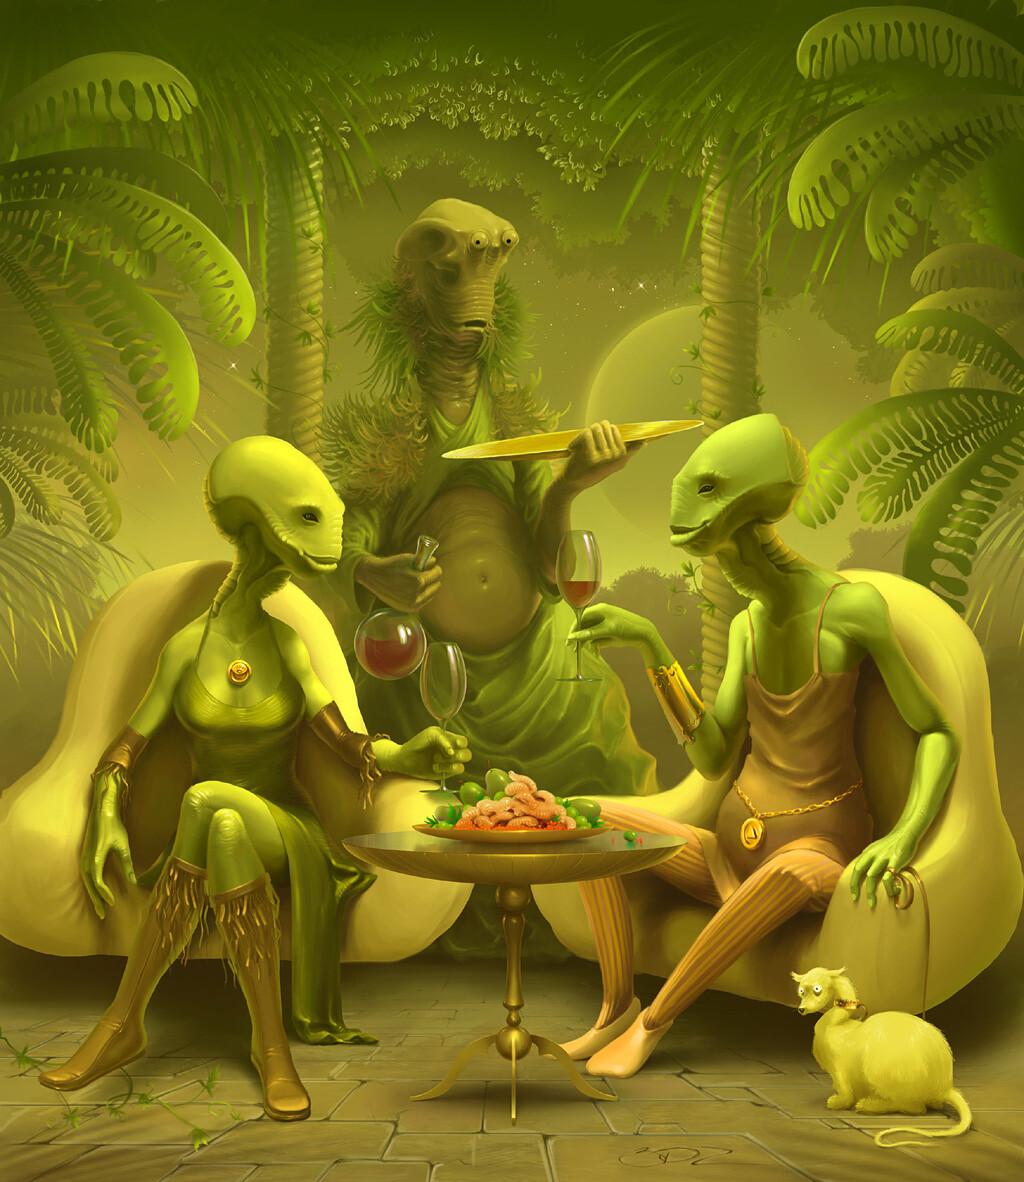 Открытки день, зеленый человечек прикольные картинки